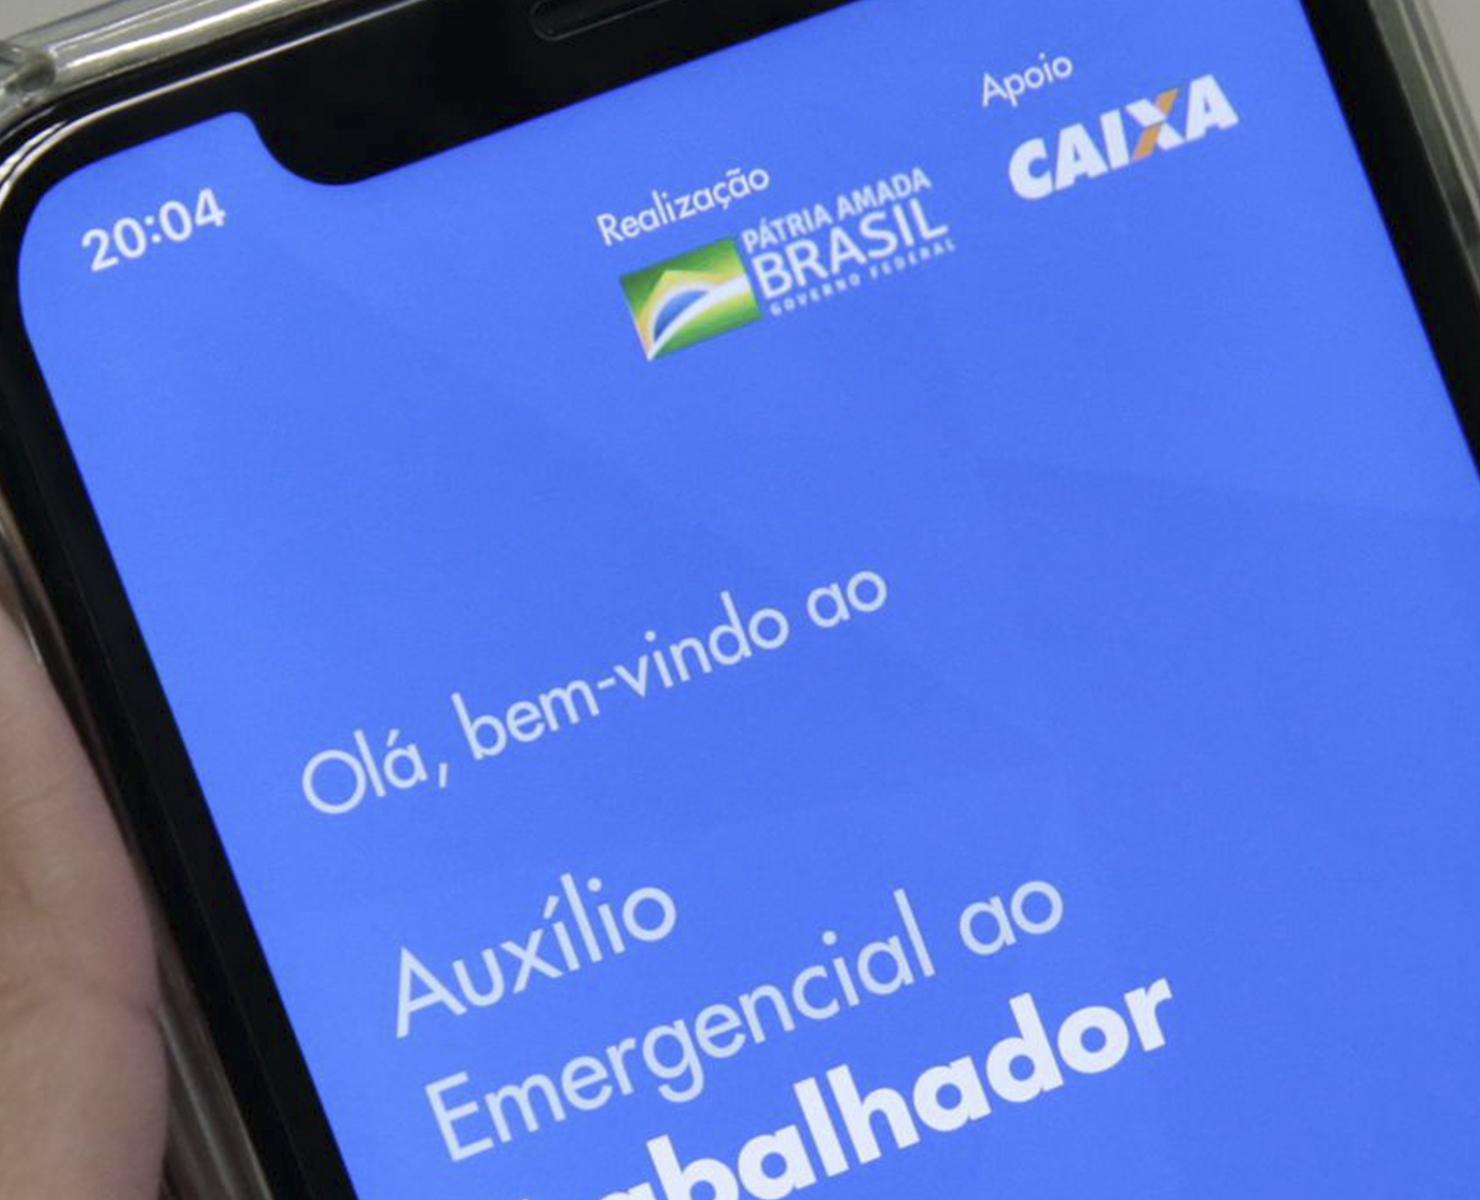 AUXÍLIO EMERGENCIAL: JOVENS MILITARES QUE RECEBERAM INDEVIDAMENTE SERÃO PUNIDOS